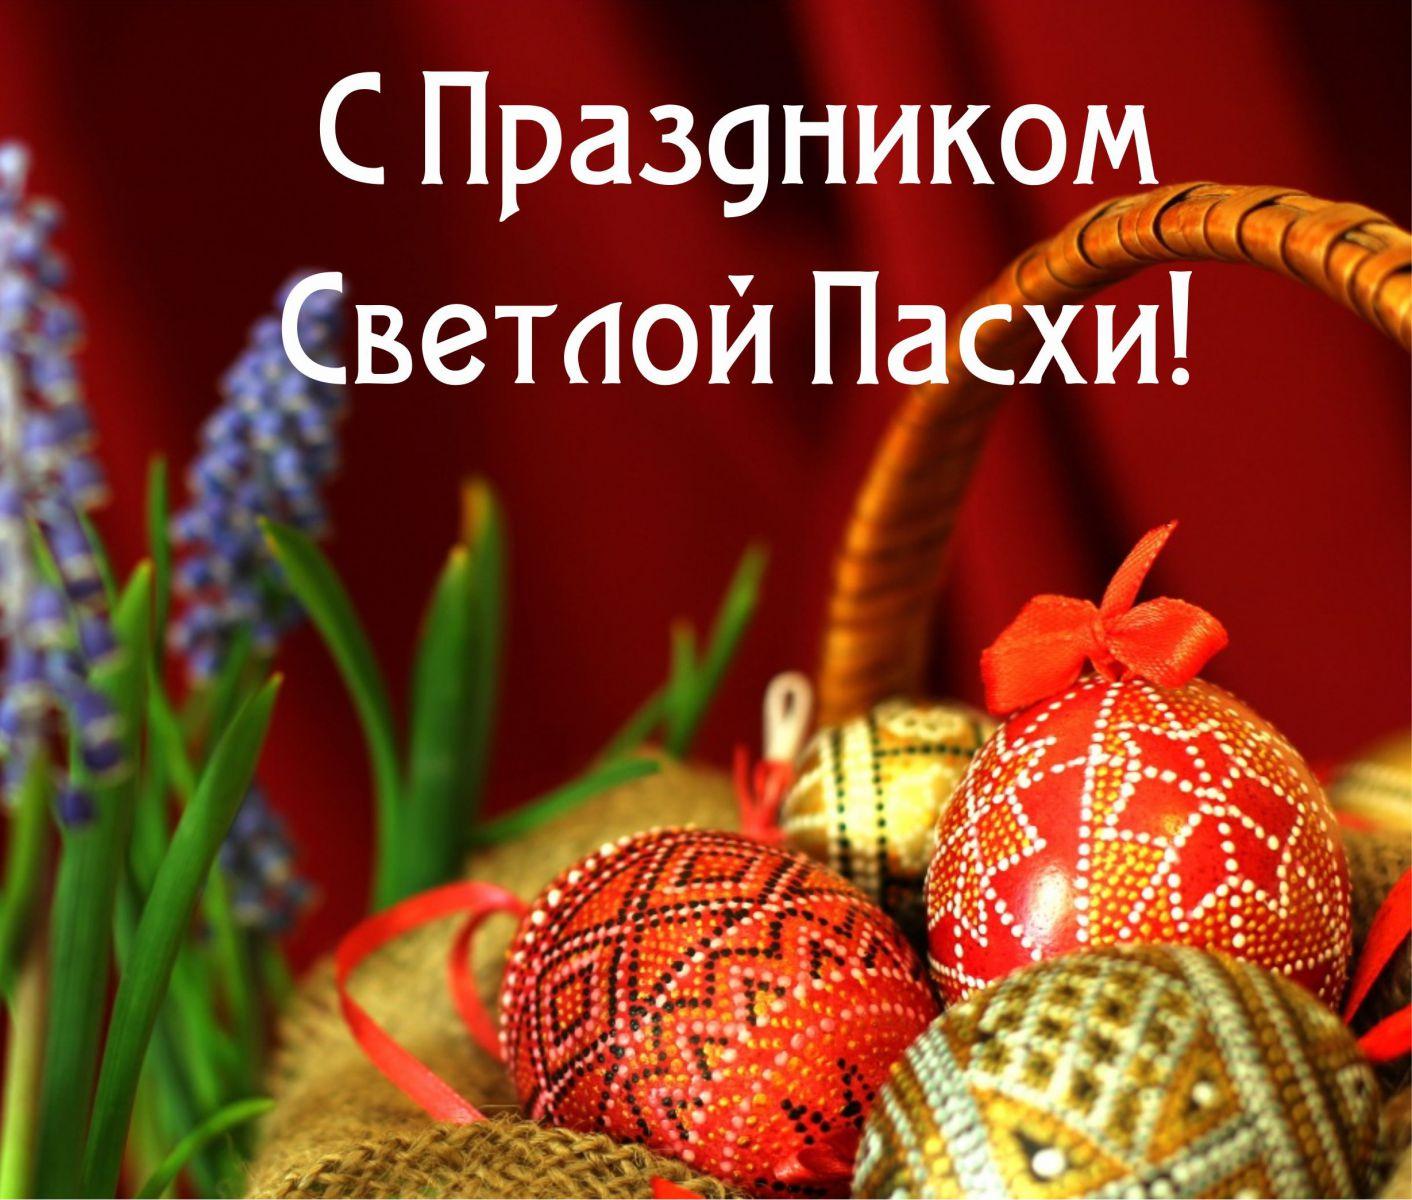 https://scbryansk.ru/upload/iblock/968/968420d90894f86b6a0979619a34d2ee.jpg